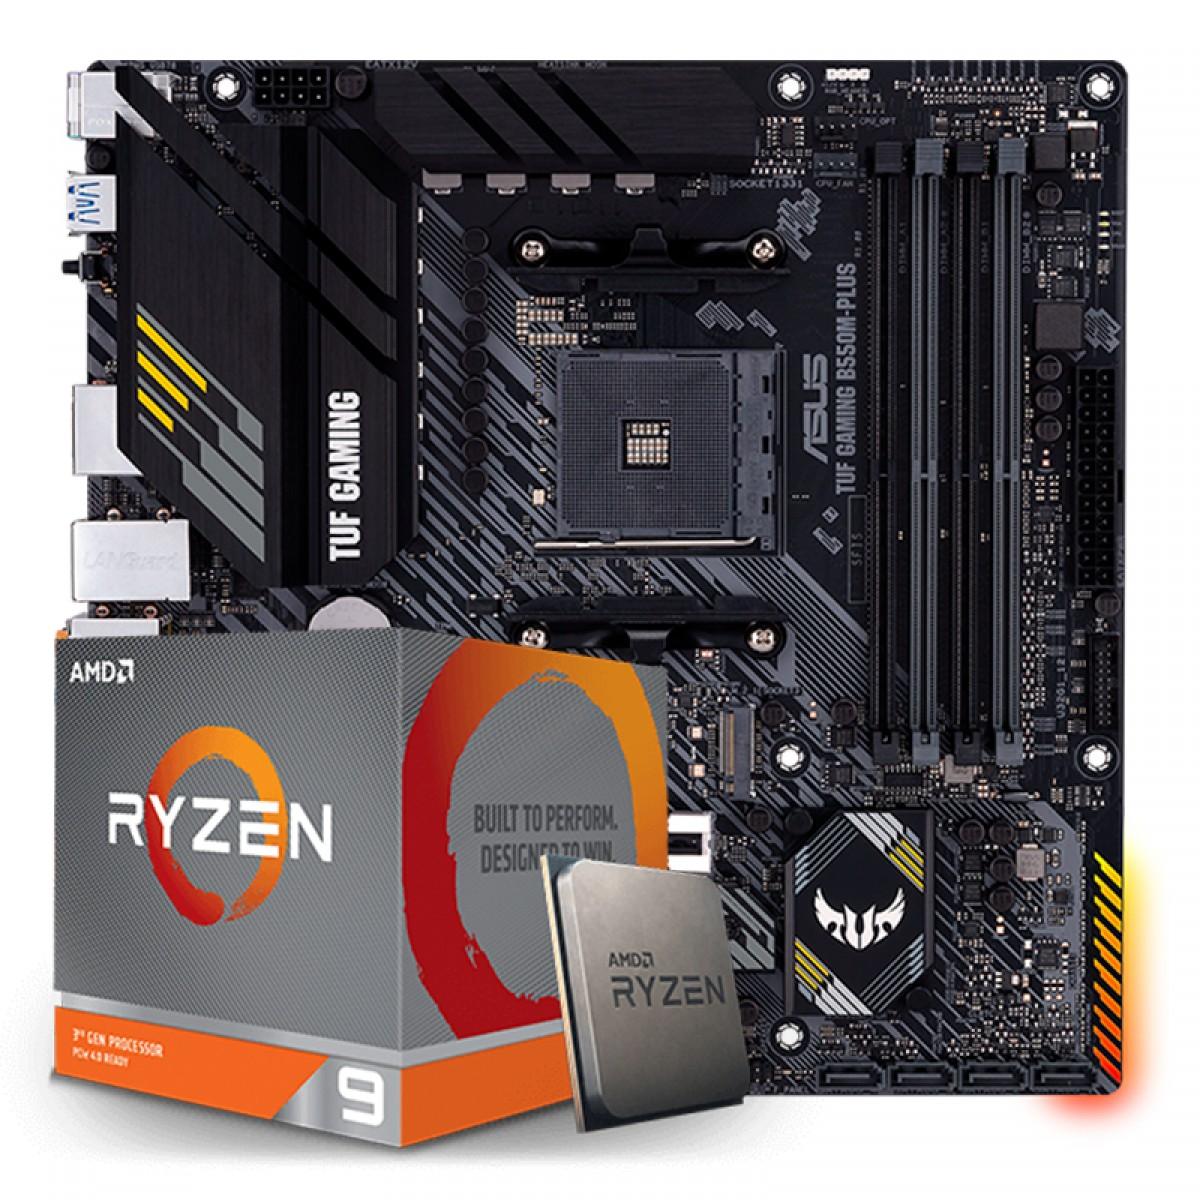 Kit Upgrade, AMD Ryzen 9 3900XT, Asus TUF Gaming B550M-Plus Wi-fi